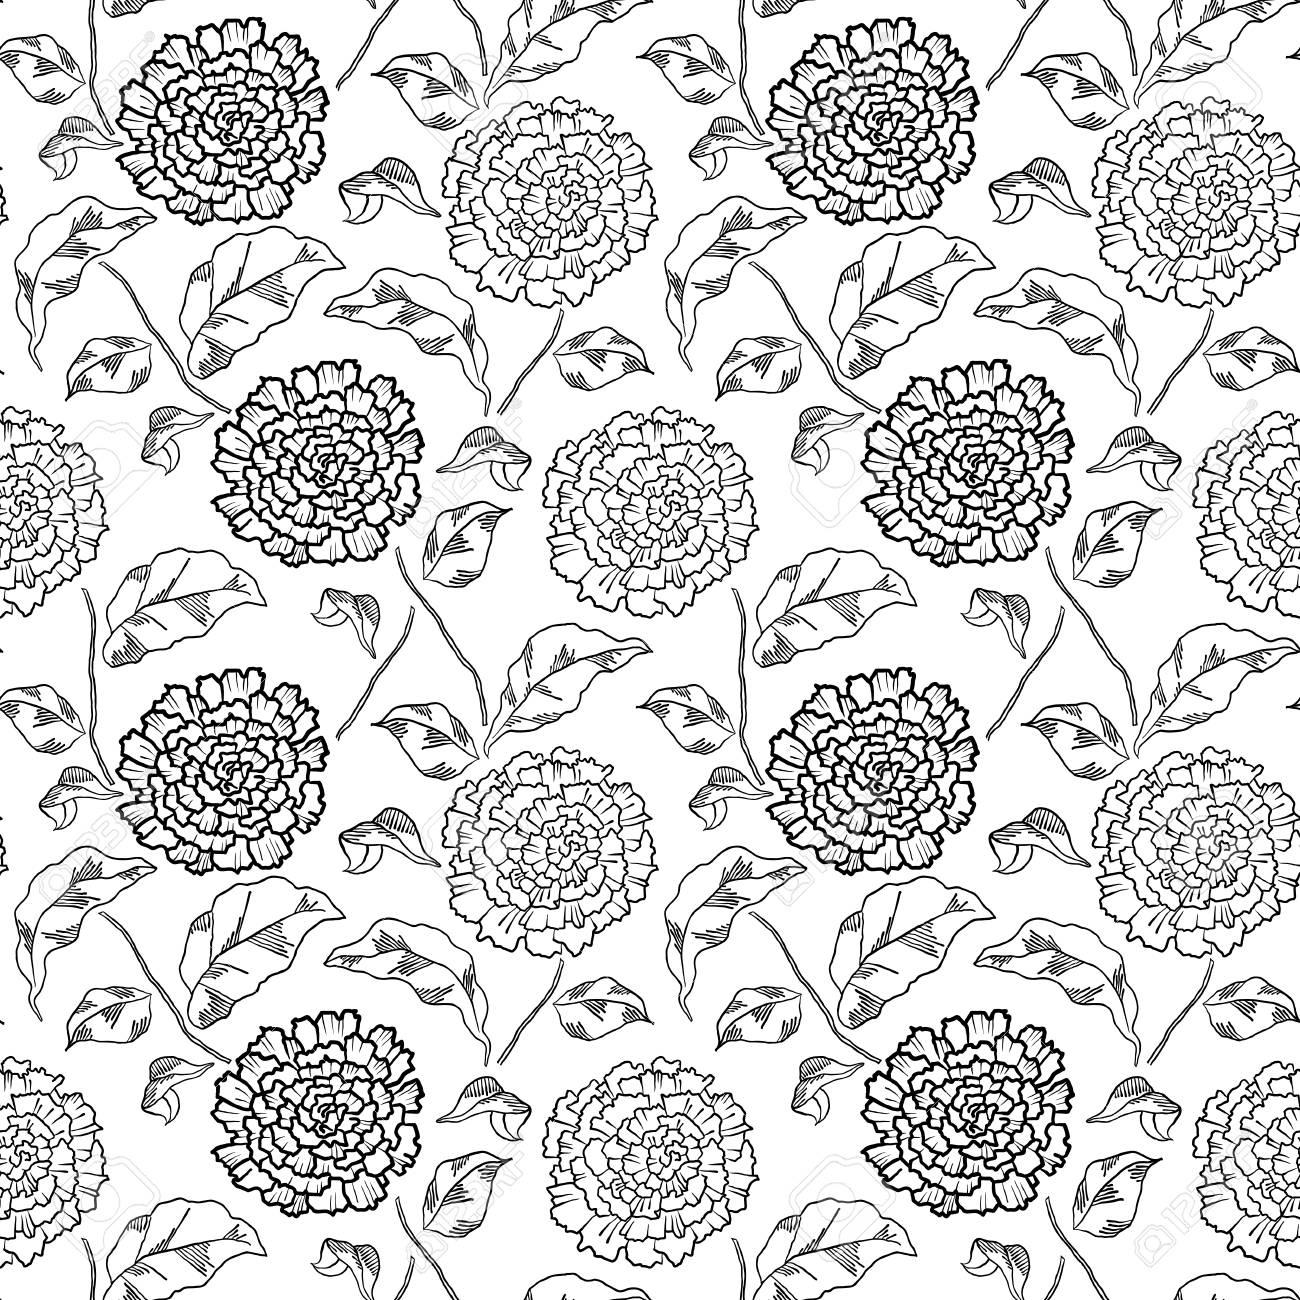 菊の花のパターン大人のぬりえ本のイラスト素材ベクタ Image 84560640